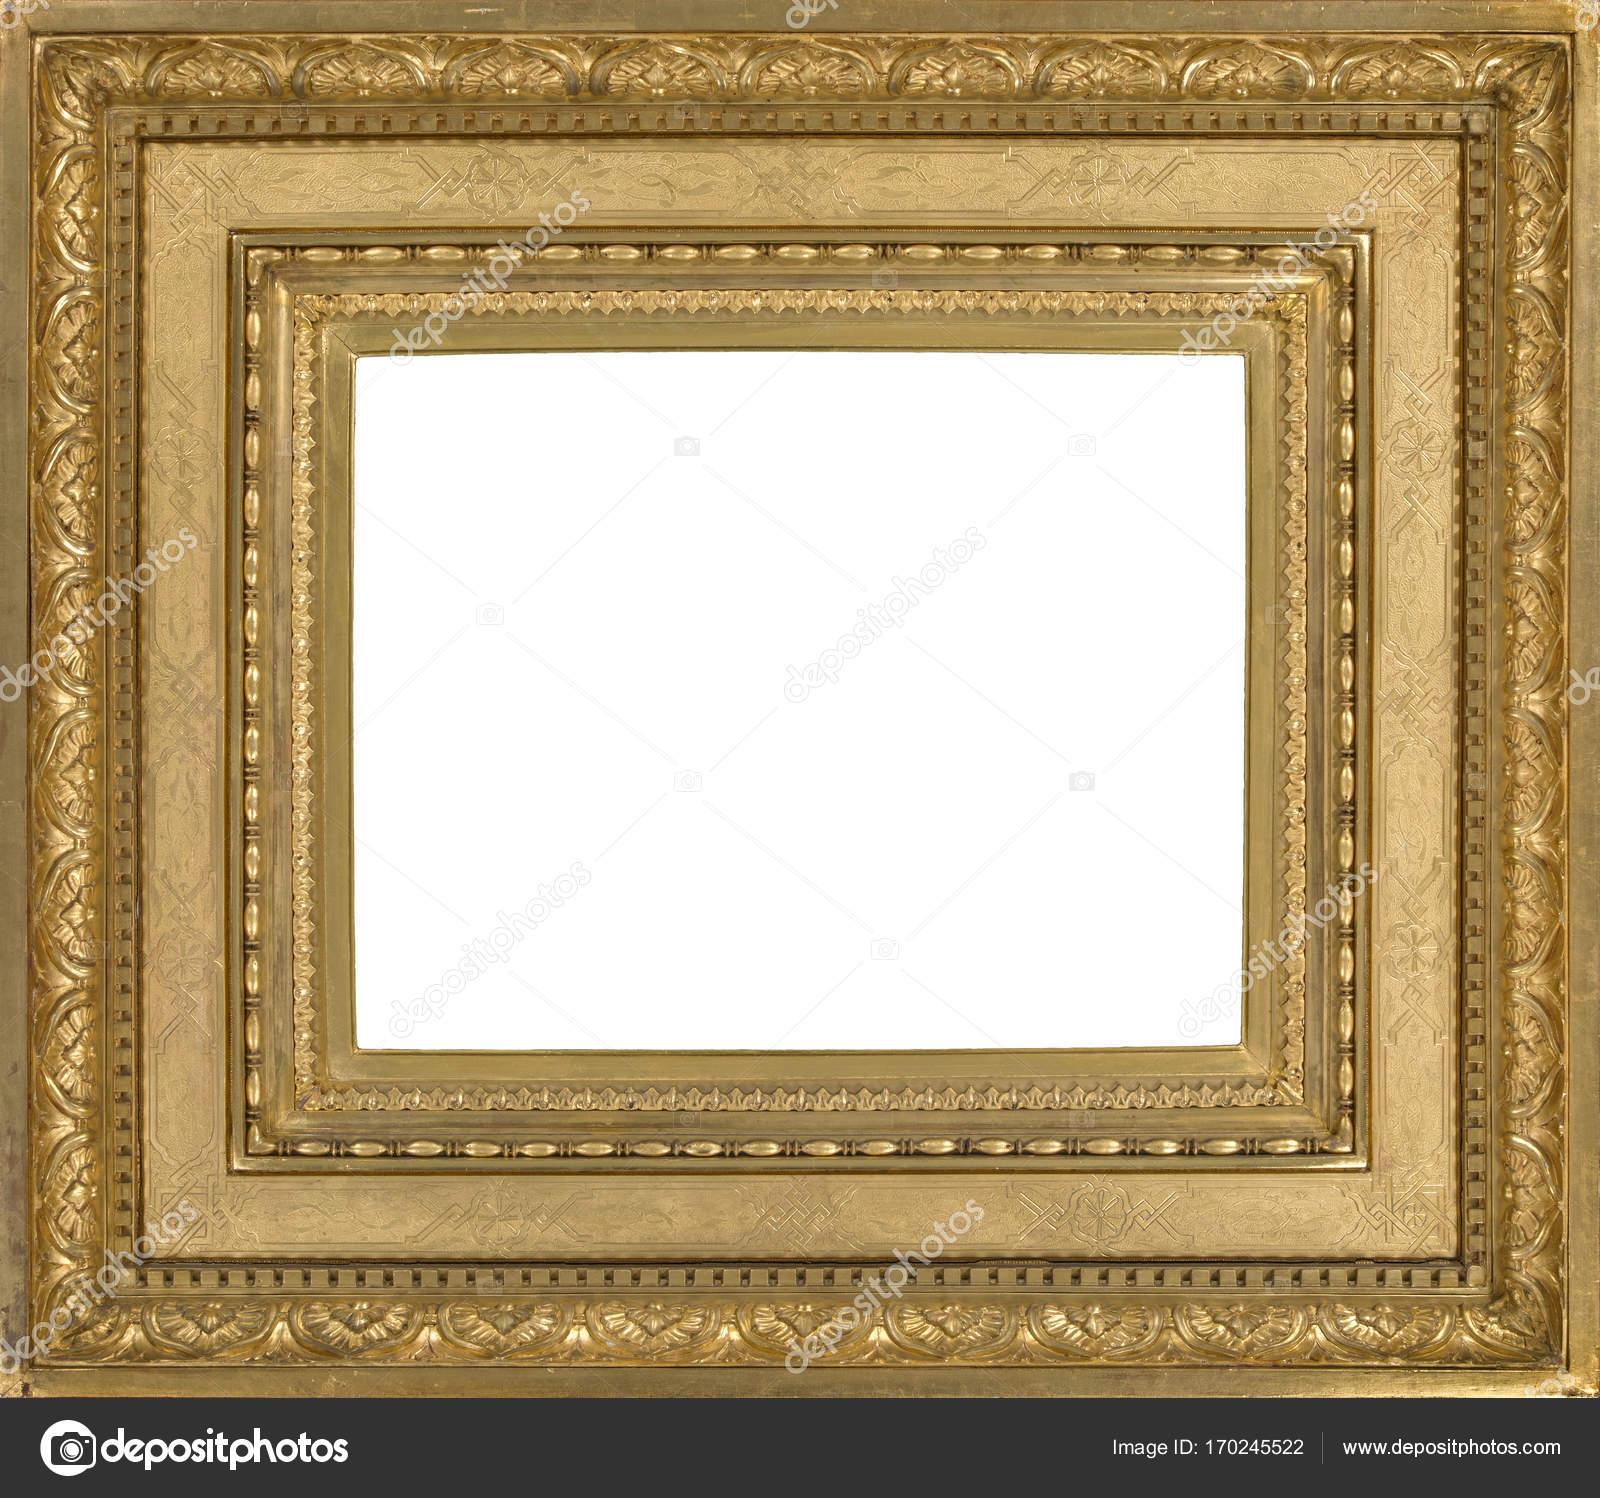 Leichte Holz Bilderrahmen vergoldet für Wandmontage — Stockfoto ...